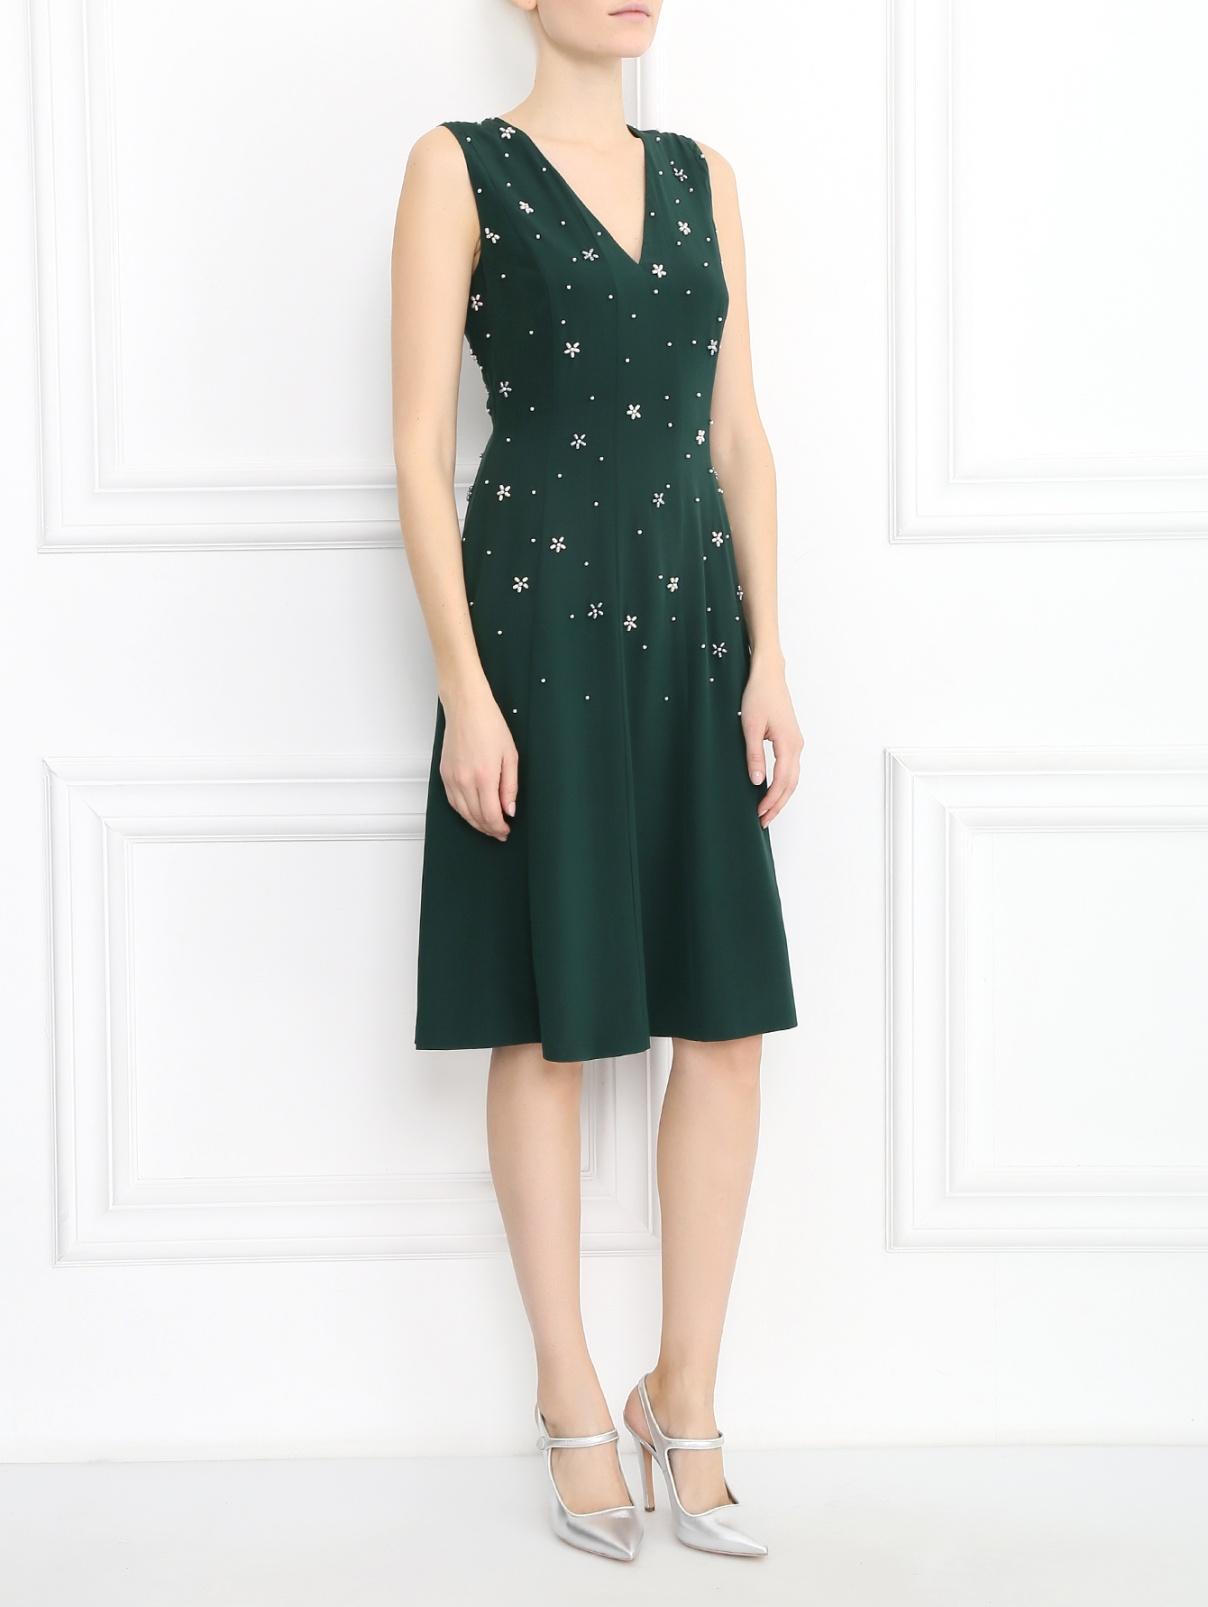 Платье из шелка с вышивкой из перламутровых бусин Paul Smith  –  Модель Общий вид